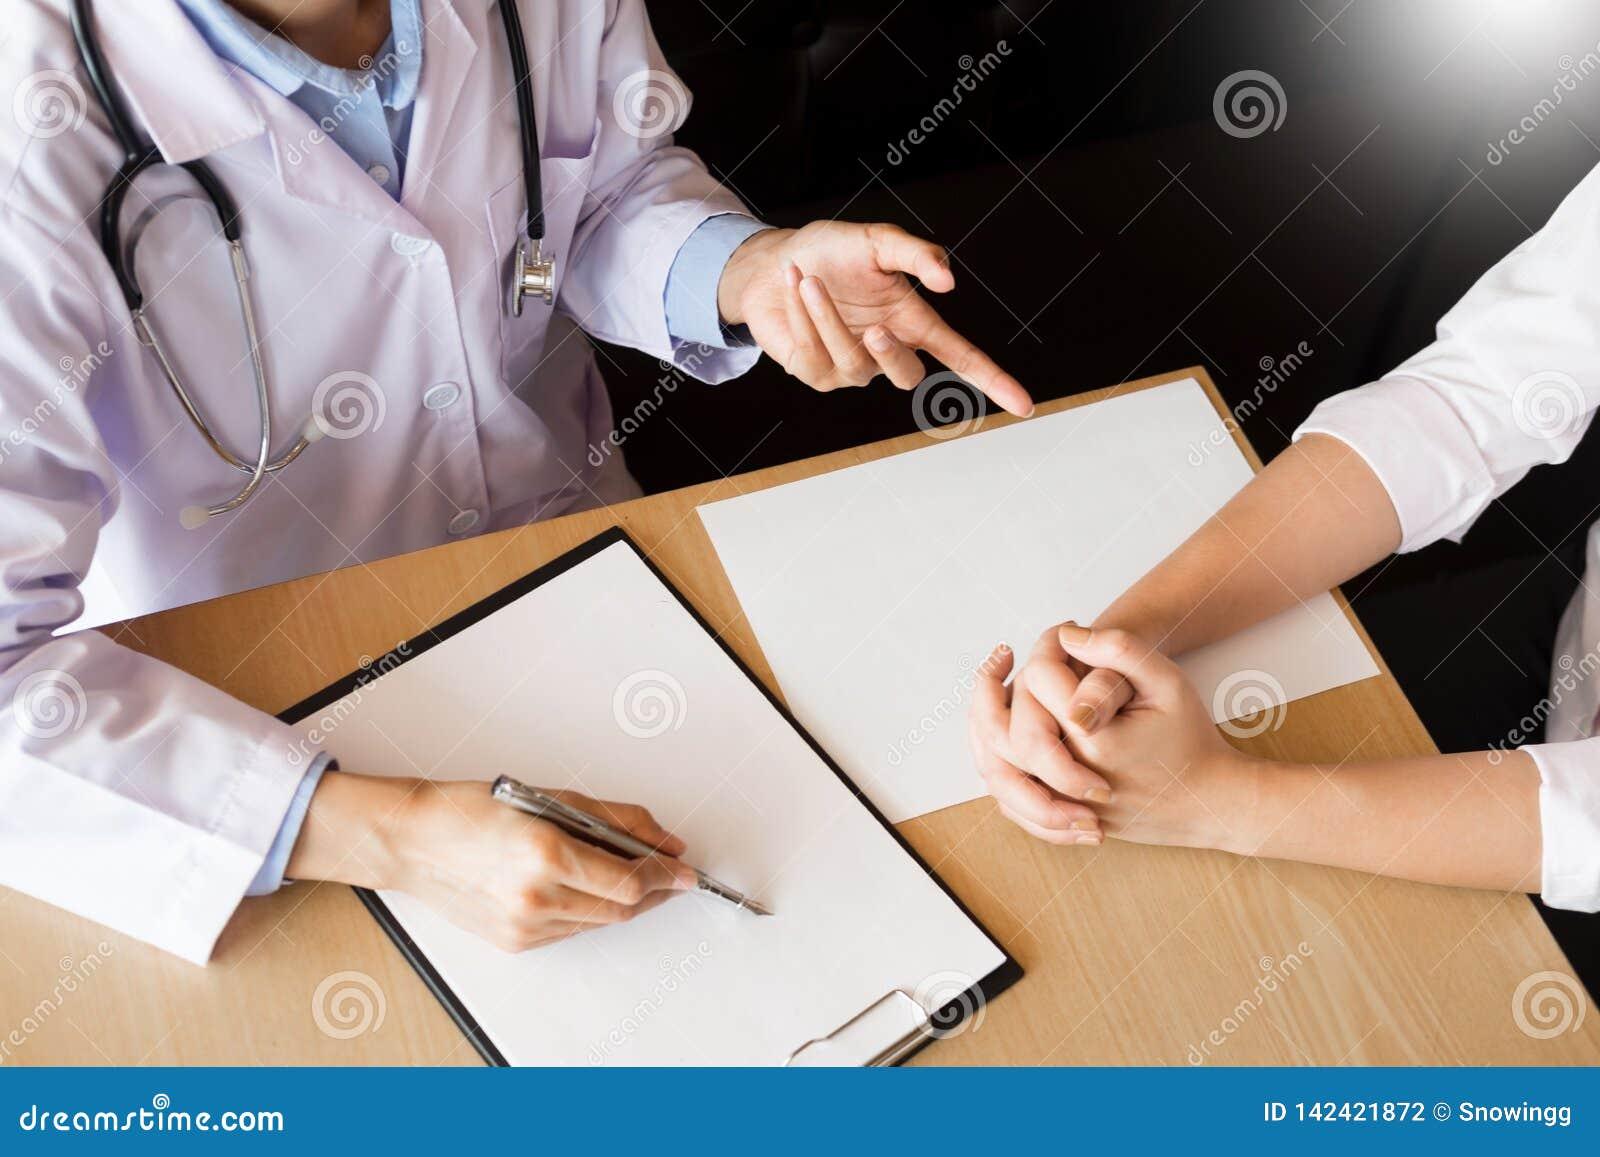 专心地听一位男性医生的患者解释耐心症状或问问题,他们一起谈论文书工作